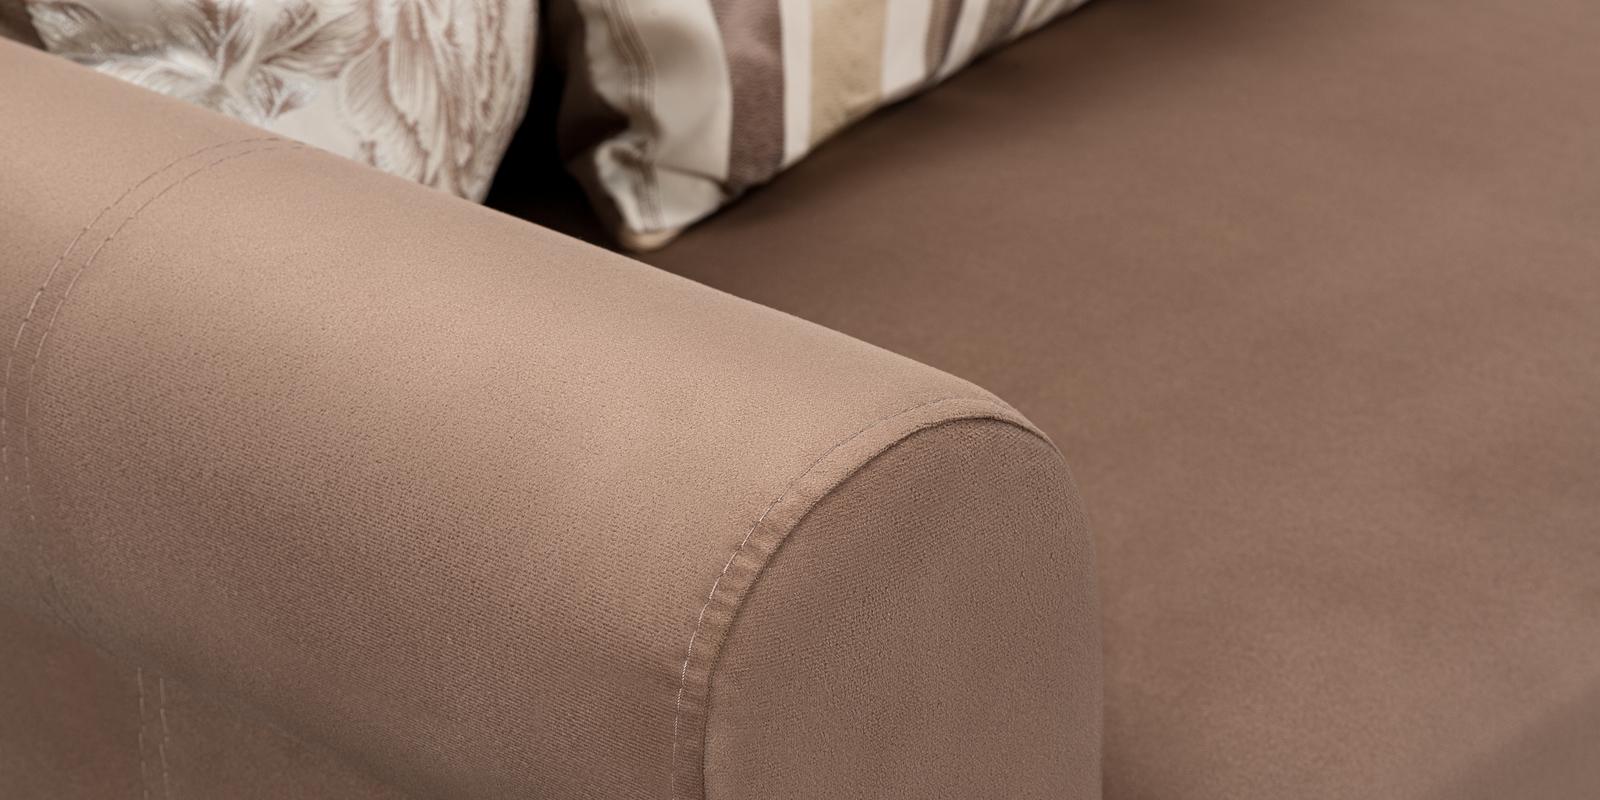 Диван тканевый угловой Рейн Velure коричневый (Велюр)